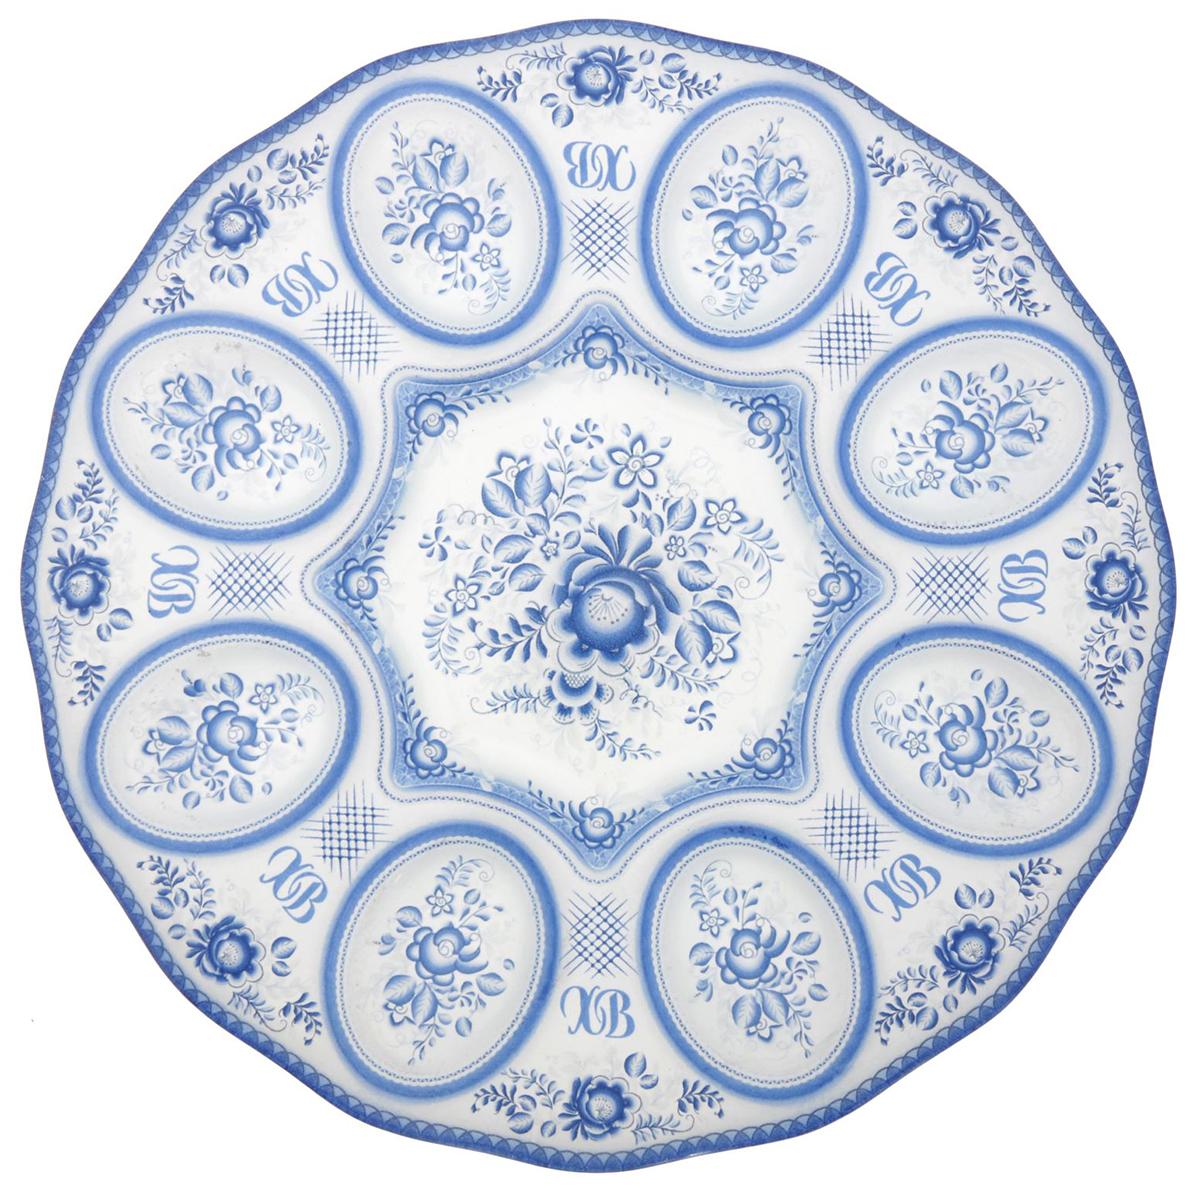 Подставка для яйца Гжель, цвет: голубой, на 8 яиц, диаметр 25 см. 17662081766208От качества посуды зависит не только вкус еды, но и здоровье человека. Подставка на 8 яиц Гжель — товар, соответствующий российским стандартам качества. Любой хозяйке будет приятно держать его в руках. С данной посудой и кухонной утварью приготовление еды и сервировка стола превратятся в настоящий праздник.